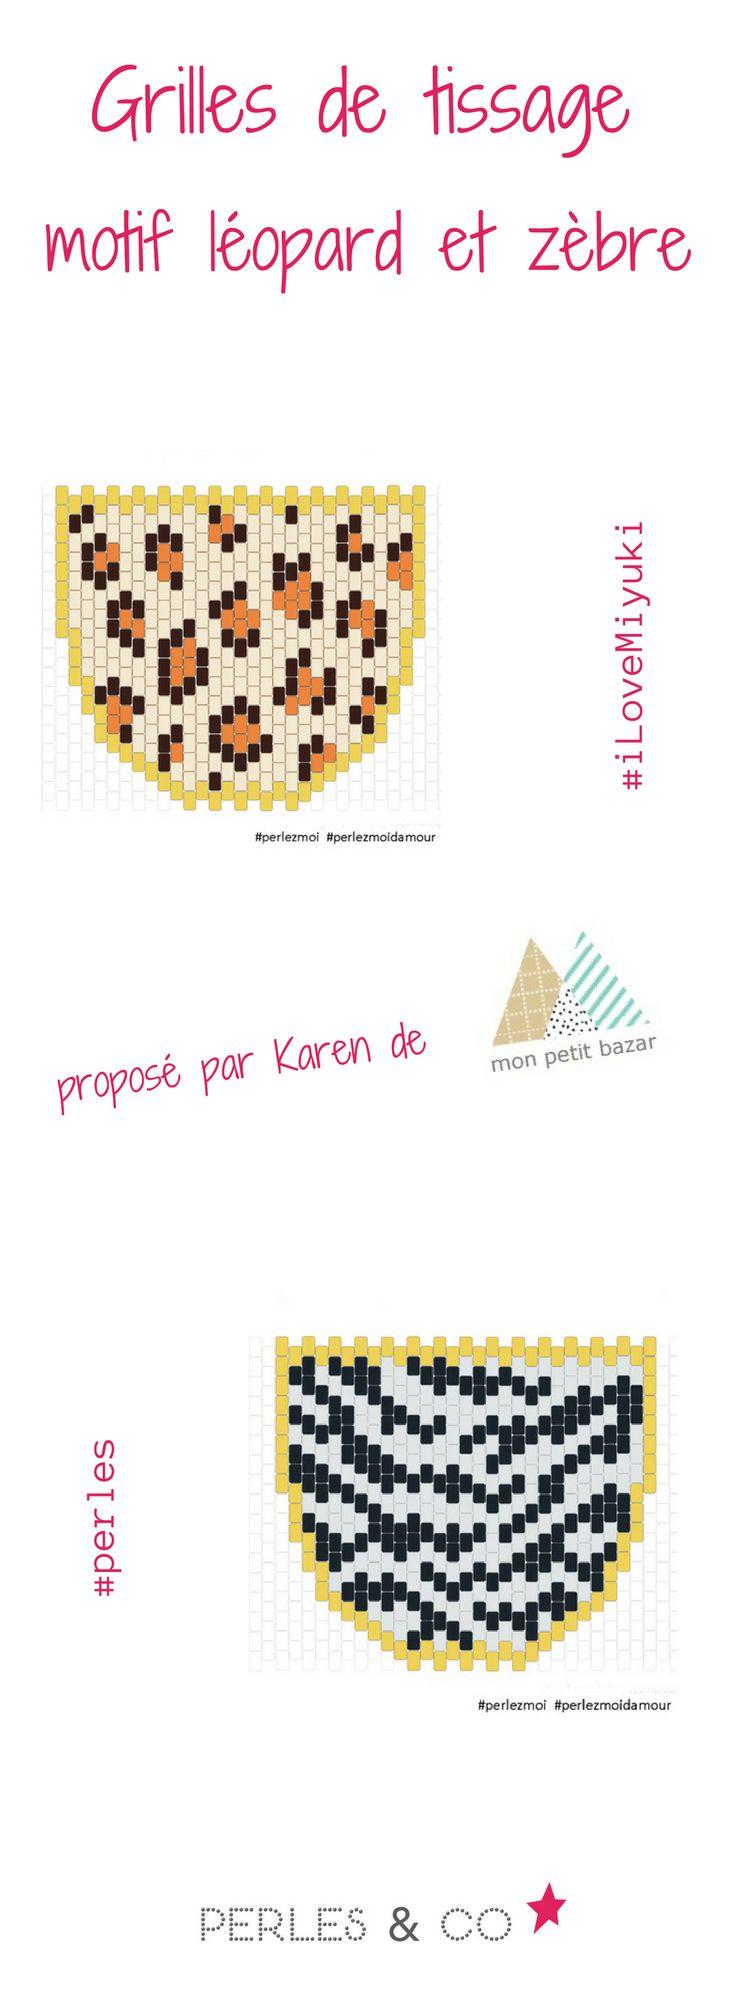 Débutez la technique de tissage en Peyote avec les motifs léopard et zèbre, proposés par Karen de Mon Petit Bazar. Le tissage de perles Miyuki permet de réaliser mille et un motifs. Retrouvez le tutoriel sur Perles & Co >> https://www.perlesandco.com/Sautoir_Animal_motif_Leopard_en_tissage_de_perles_Miyuki-s-2562-47.html